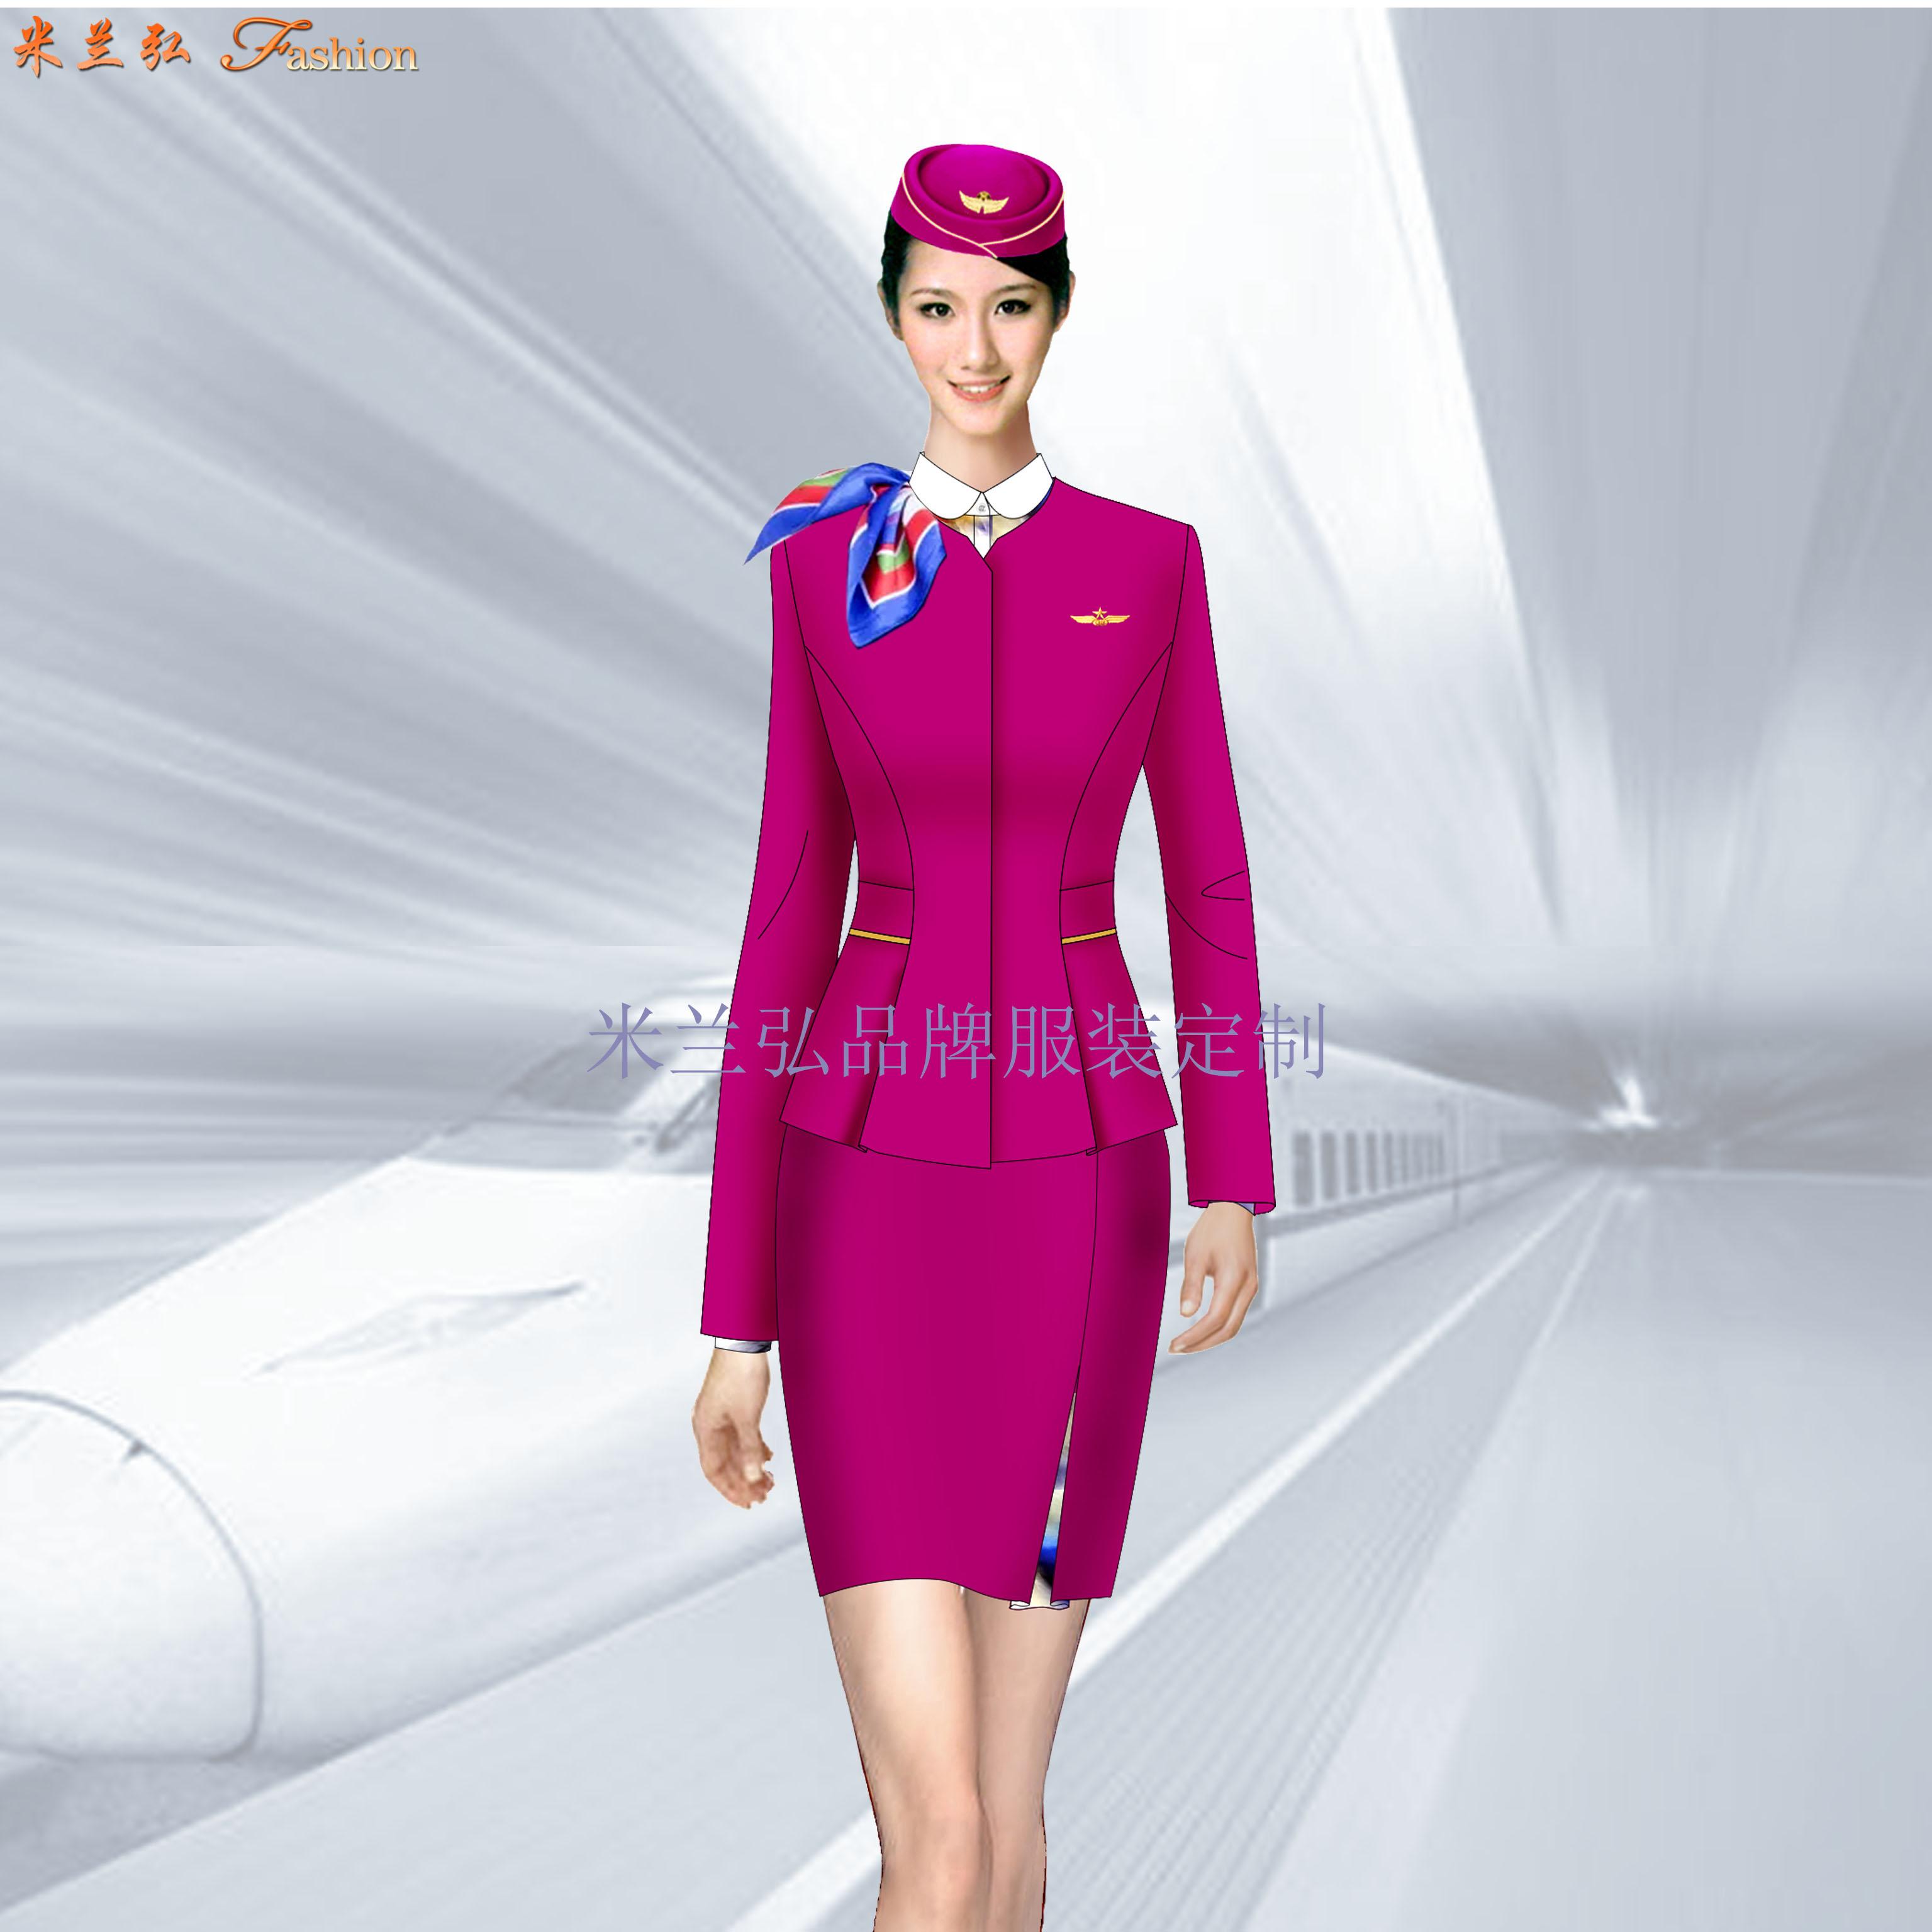 武汉高铁服装-武汉高铁工作服定制-蓝冠注册工服厂家-1